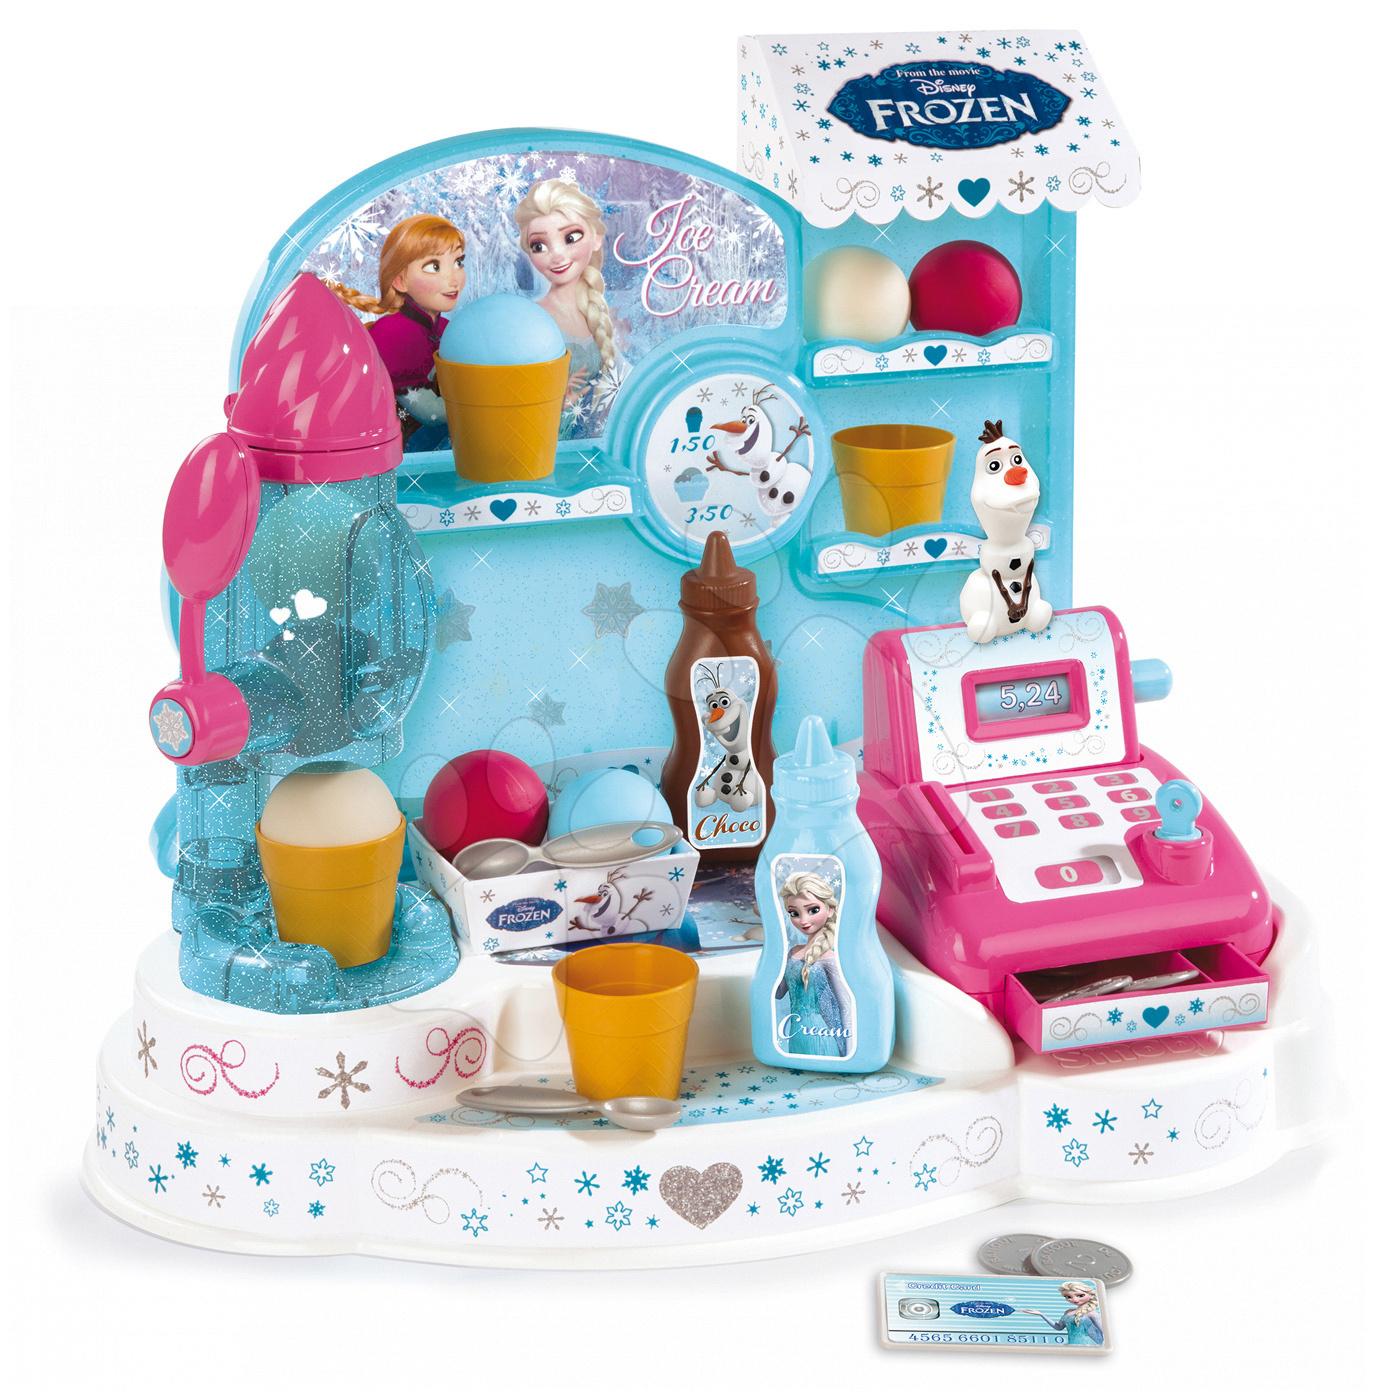 Obchody pre deti - Zmrzlináreň Frozen Smoby s koláčmi, pokladňou a 22 doplnkami trblietavá